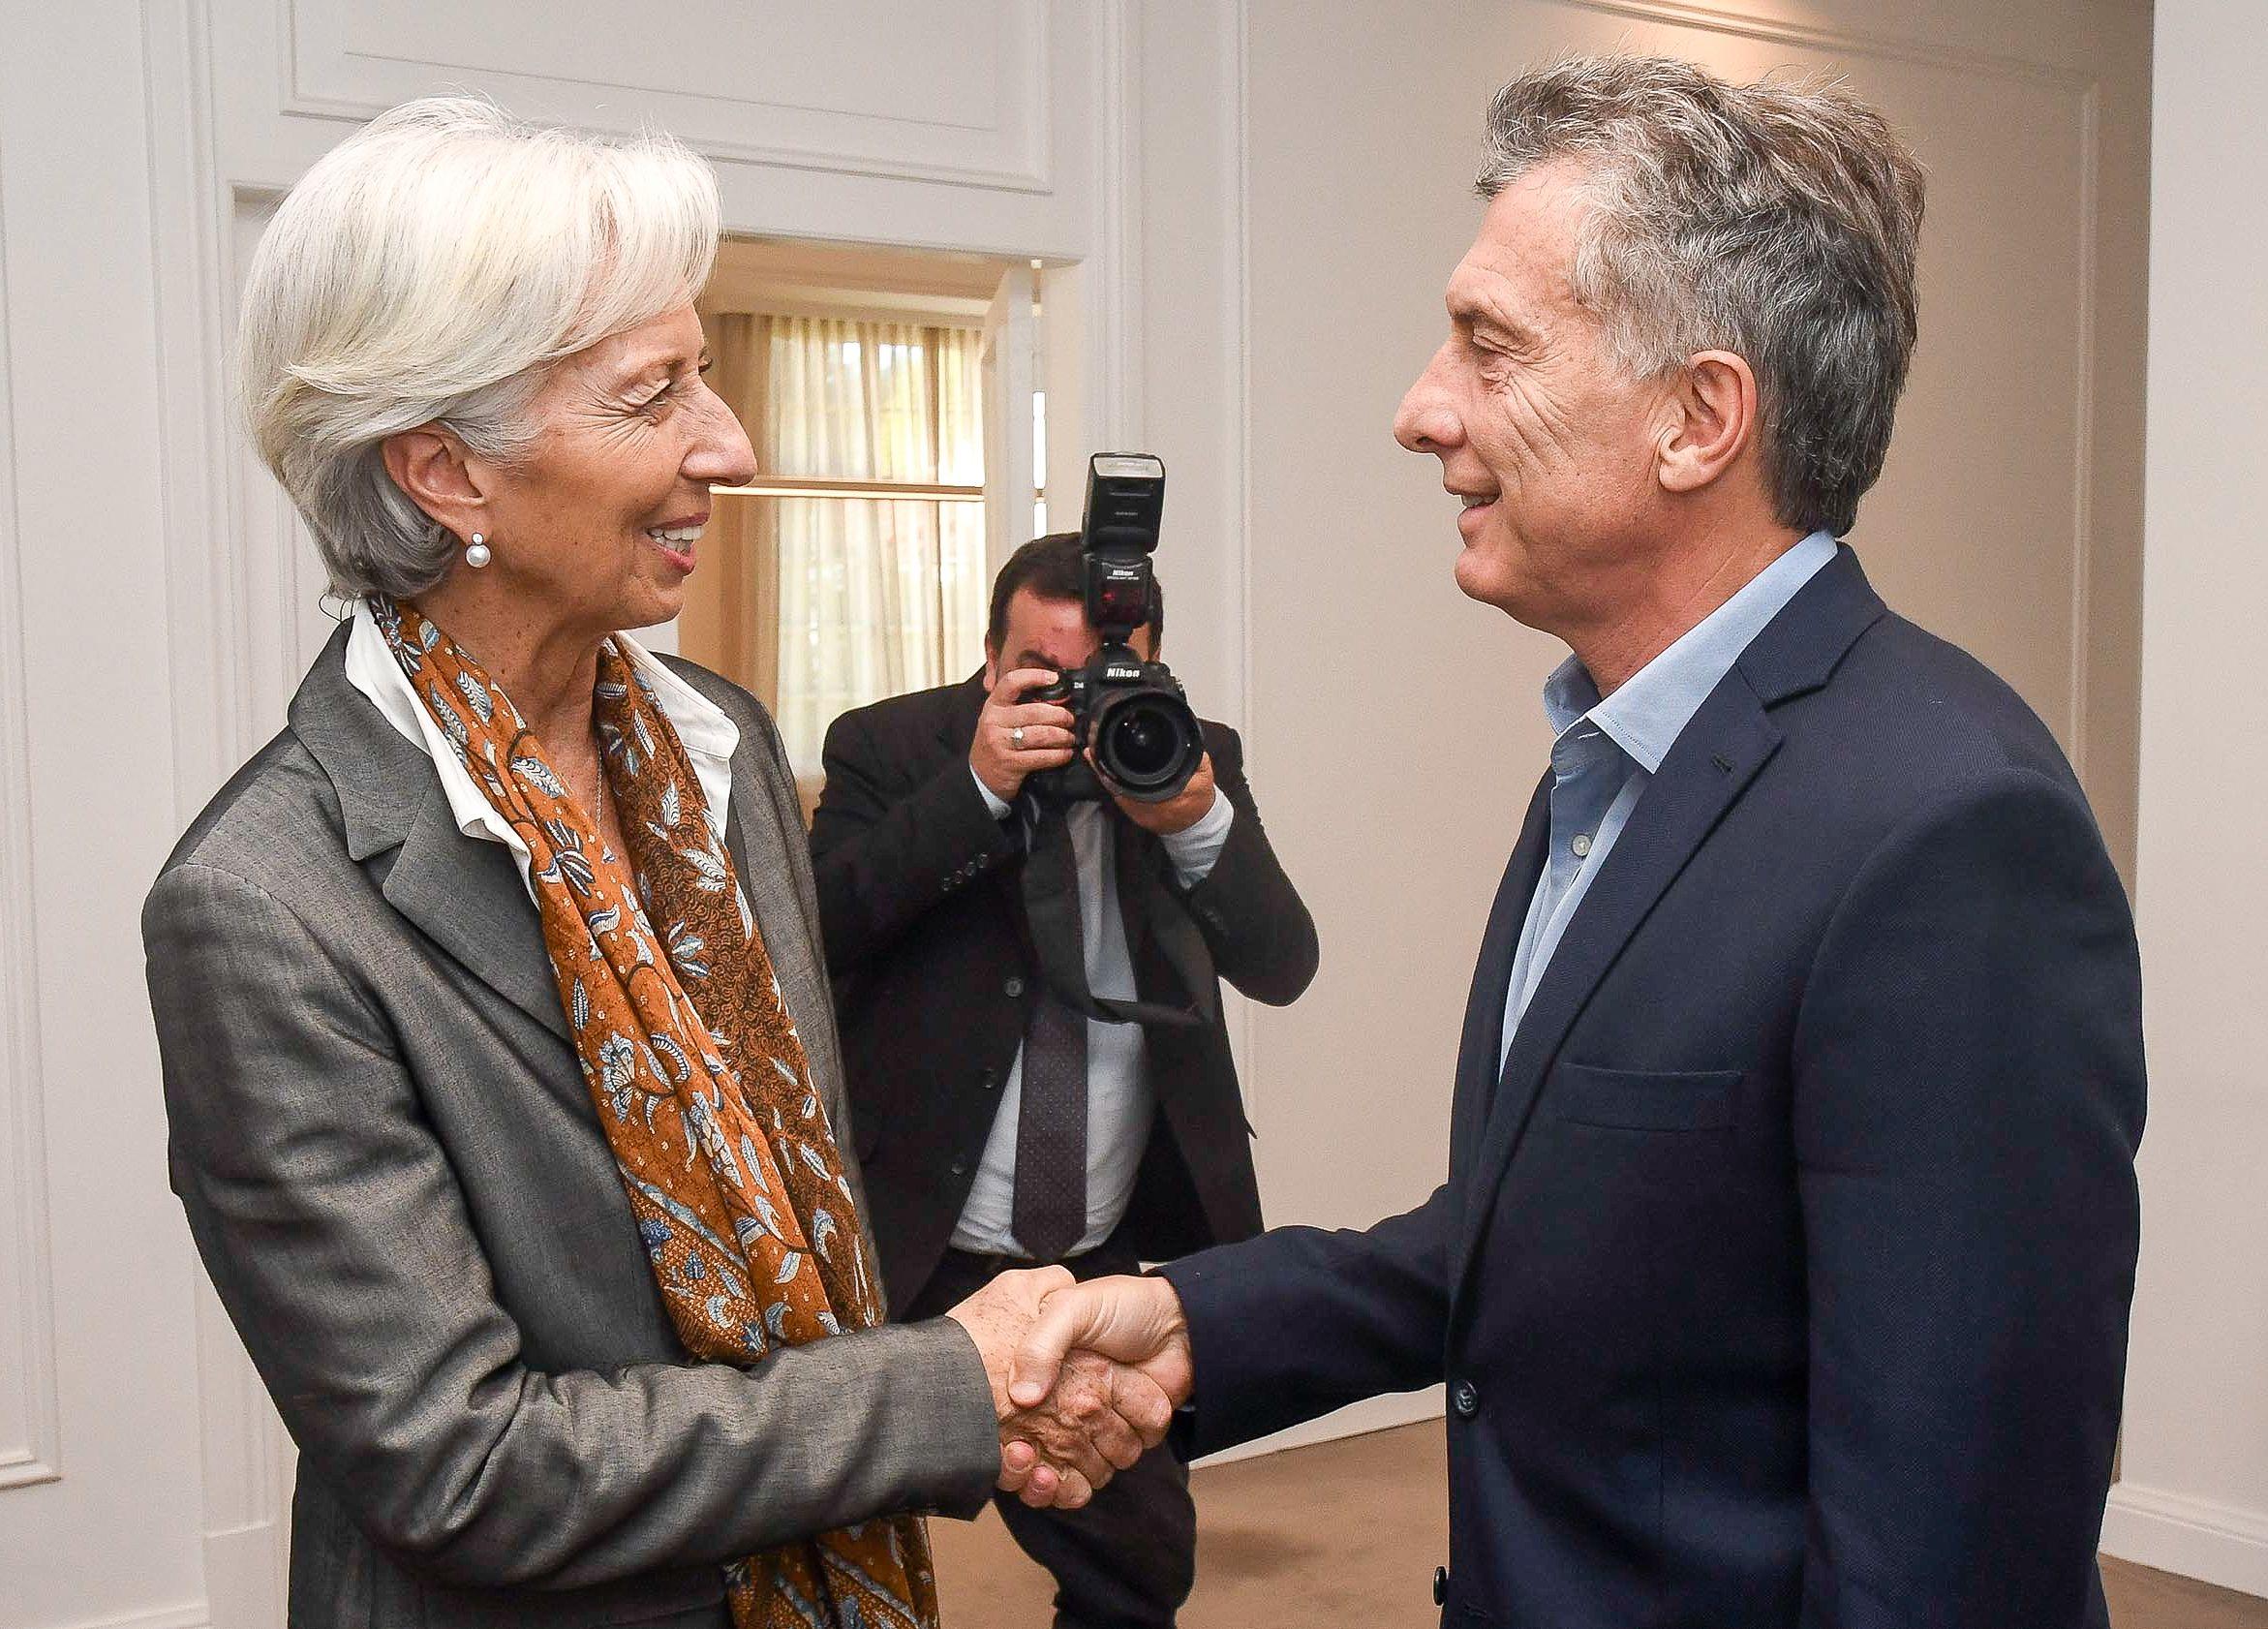 El FMI aprobó el acuerdo con Argentina y enviará los primeros 15 mil millones de dólares